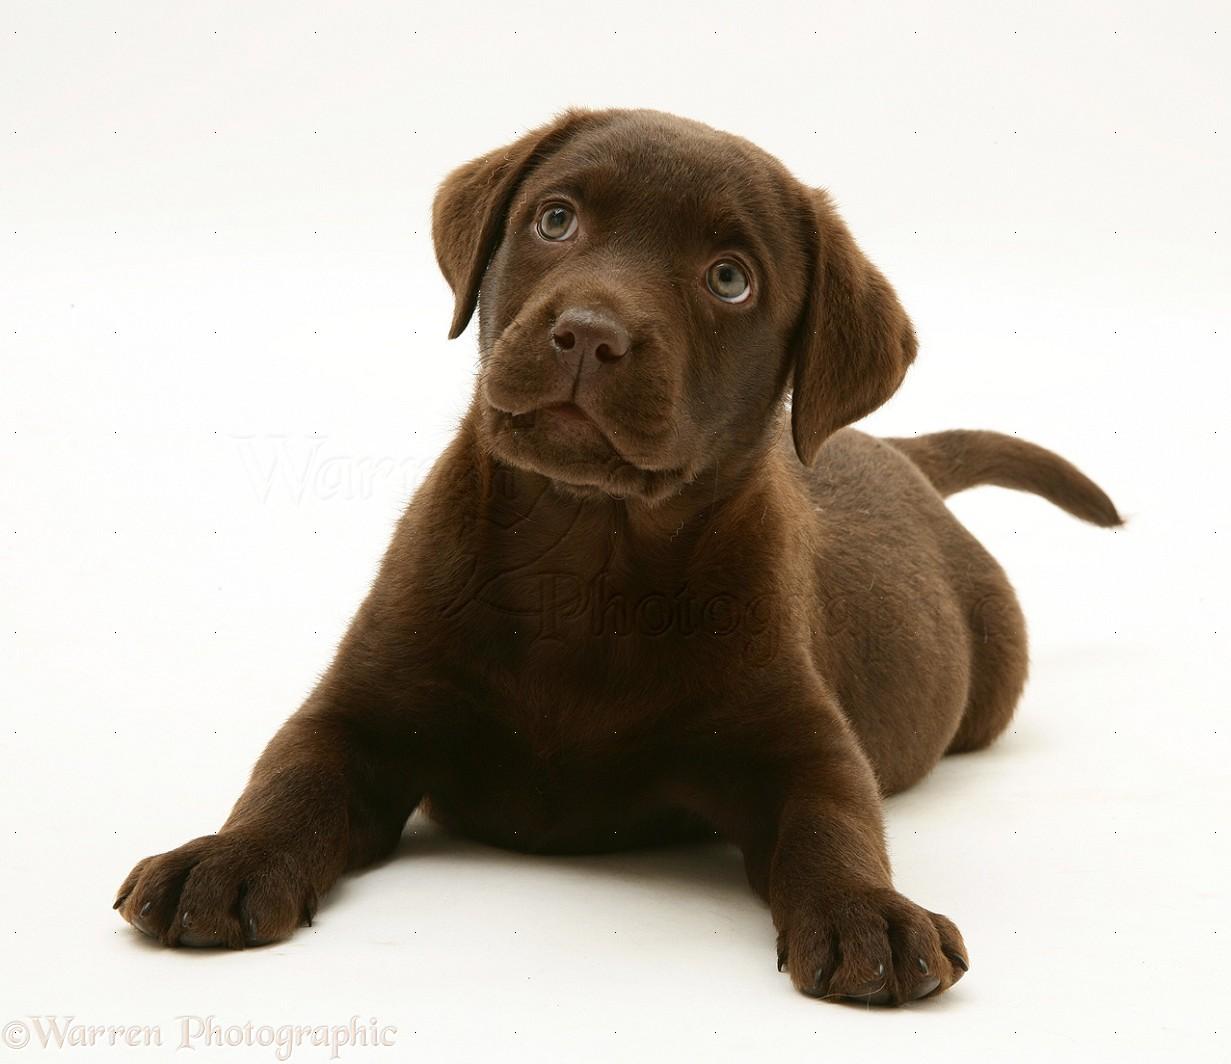 Dog: Chocolate Labrador Retriever pup photo WP16819